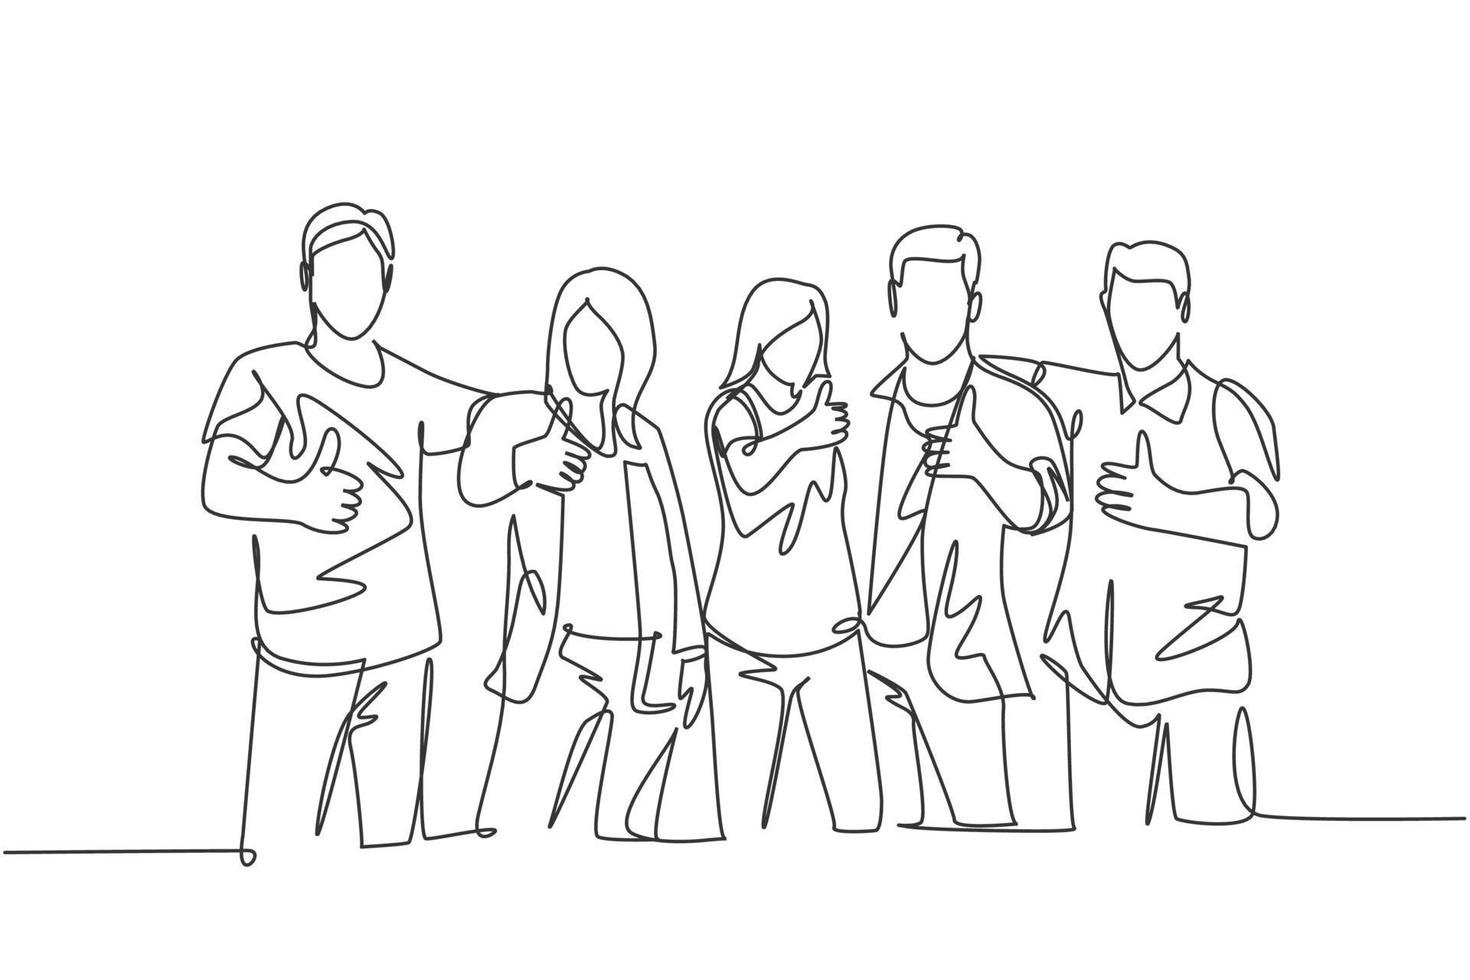 um desenho de linha de grupos de jovens estudantes universitários felizes fazendo gesto de polegar para cima depois de estudar juntos na biblioteca do campus. aprender e estudar no conceito de vida universitária. desenho de desenho de linha contínua vetor